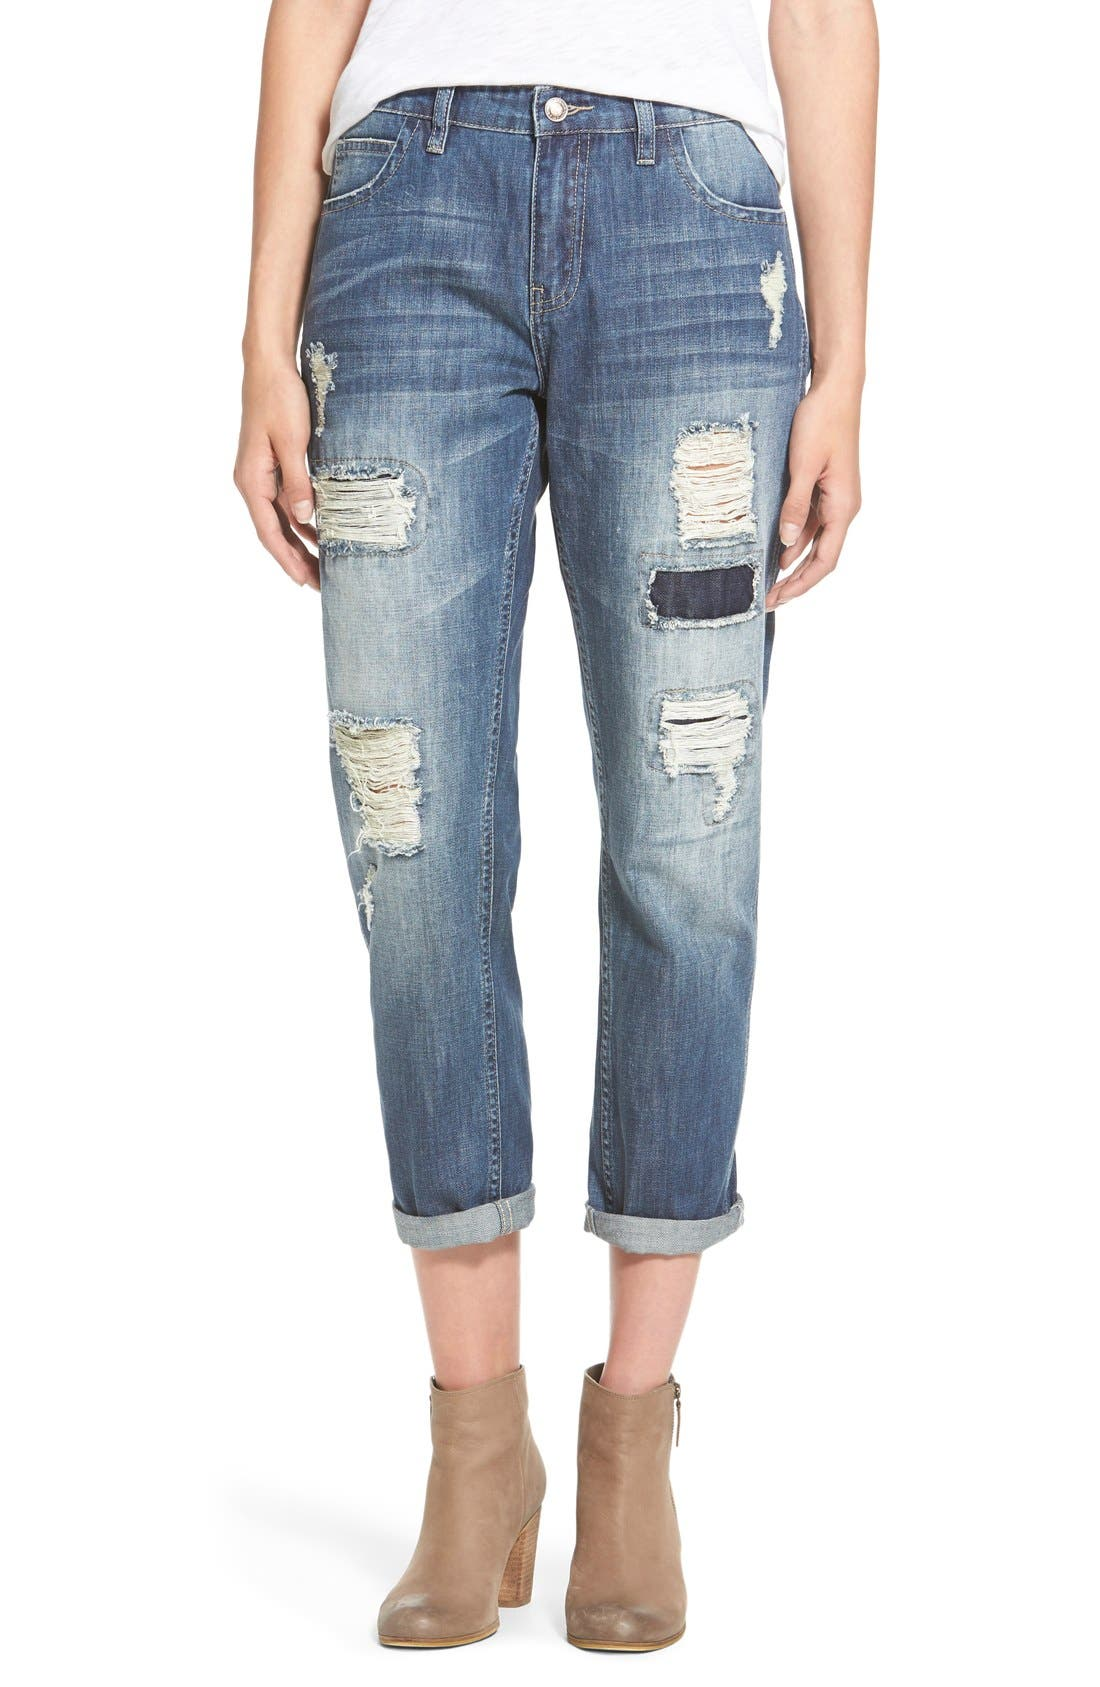 Alternate Image 1 Selected - OnTwelfth 'Stevie'Distressed BoyfriendJeans (Tahoe Dark Wash)